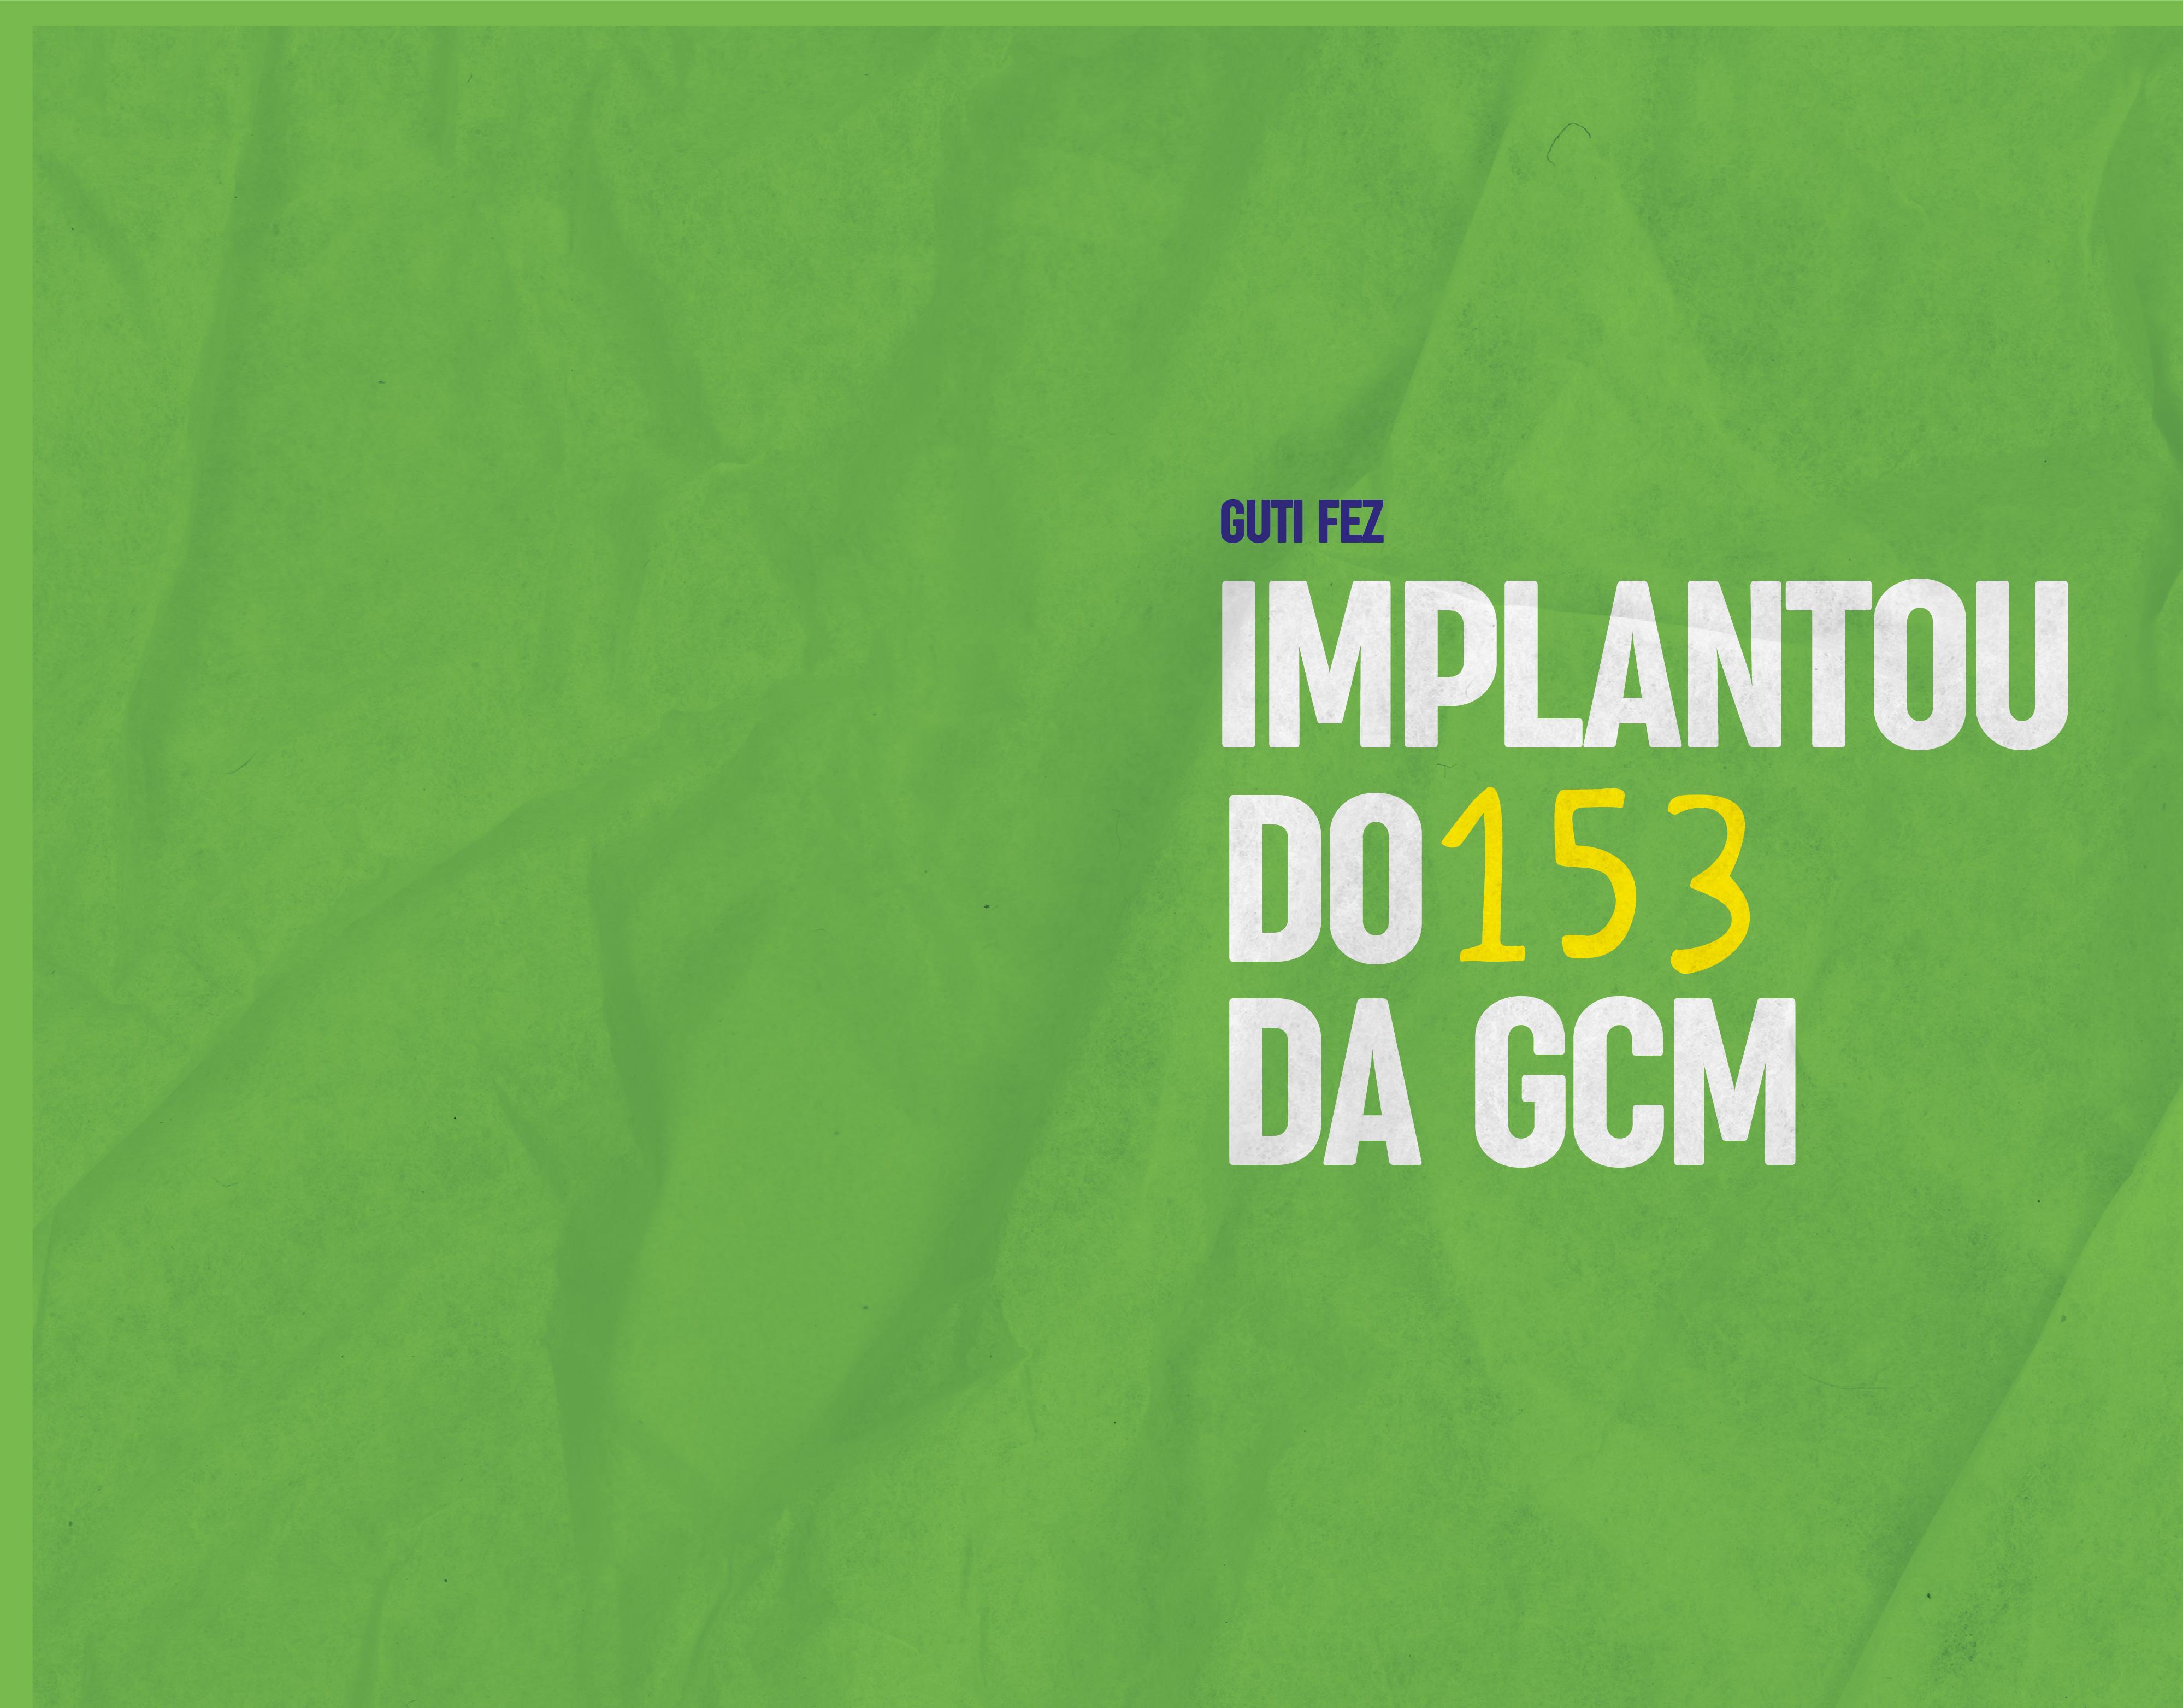 Implantação do 153 da GCM